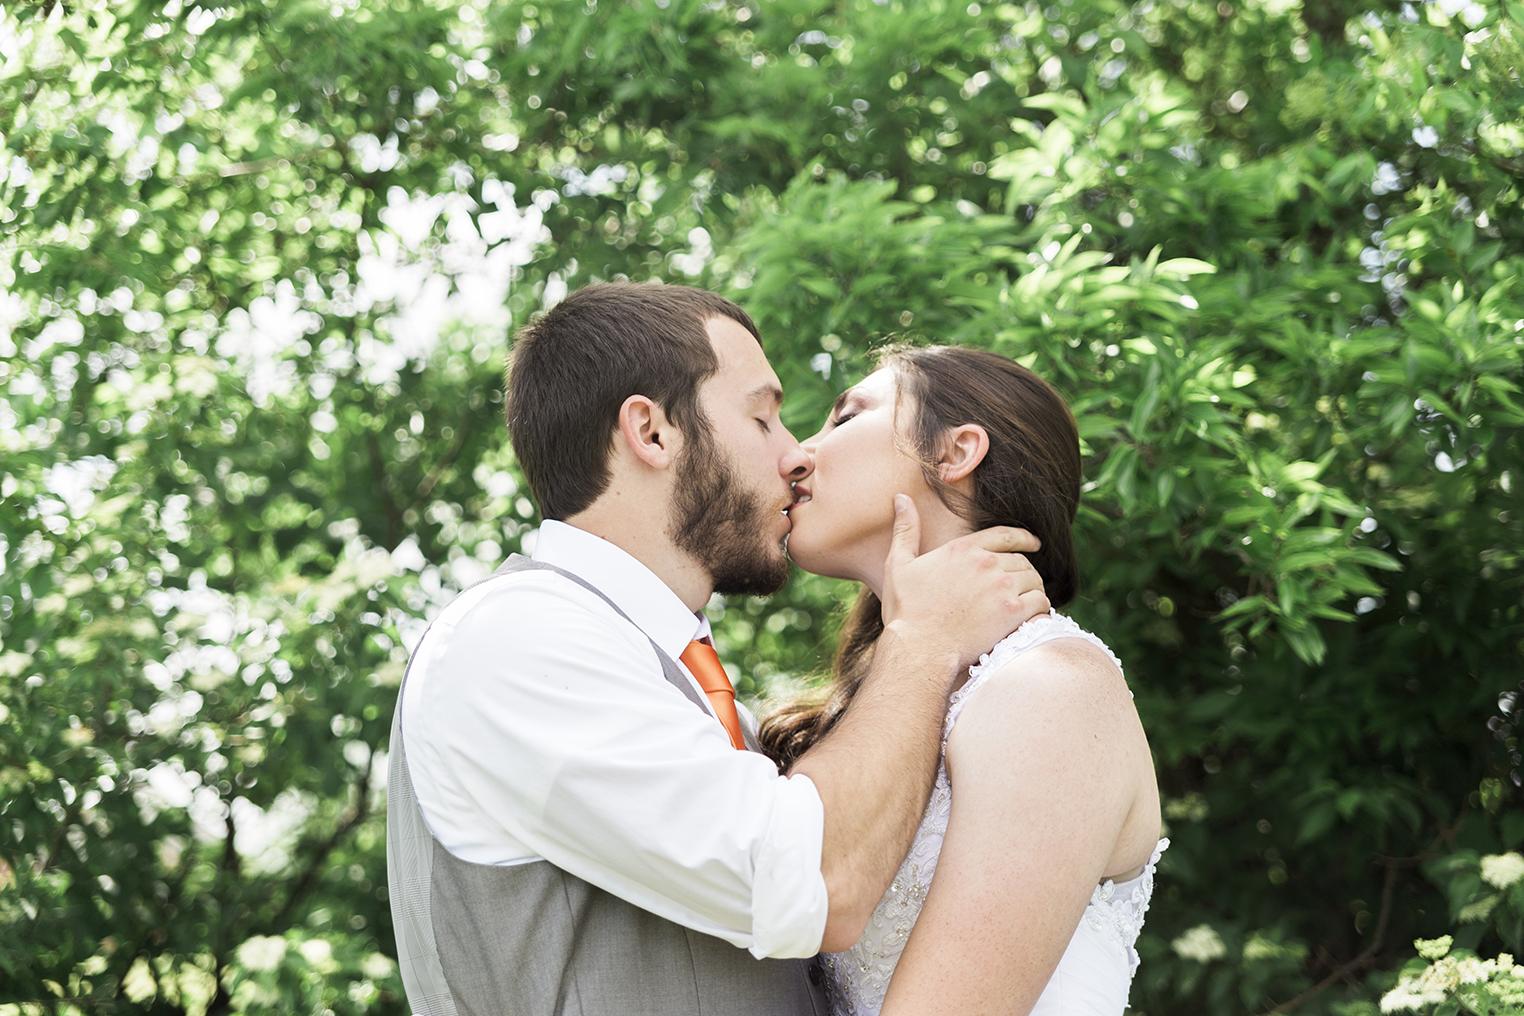 omaha-nebraska-intimate-wedding-photography